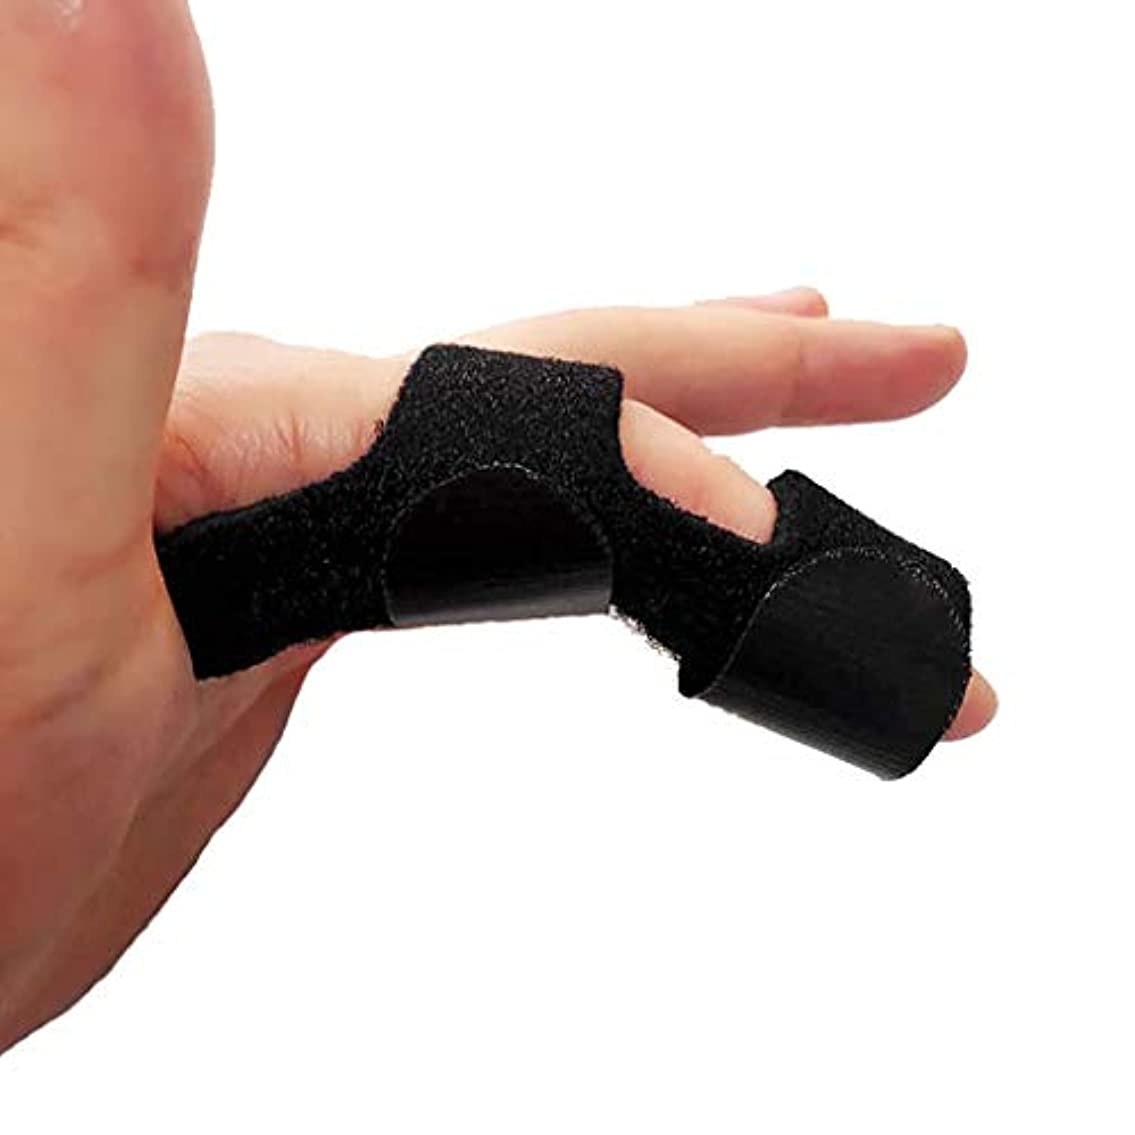 通行人インテリアできれば引き金用フィンガーエクステンションスプリントフィンガーマレットフィンガーナックル固定フィンガー骨折創傷術後ケアと痛み緩和フィンガースプリント,黒